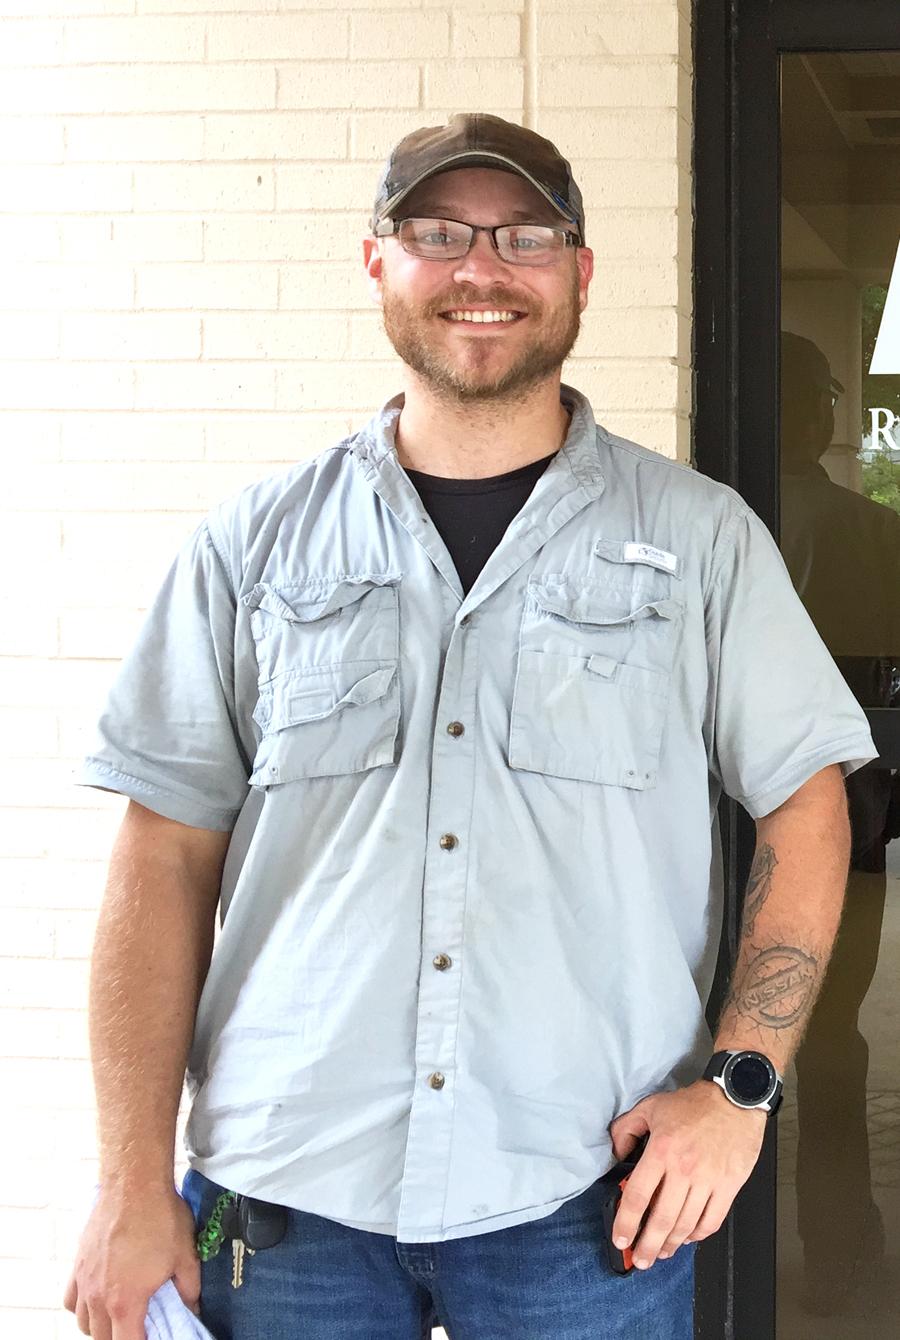 Patrick Higdon is Patient of the Month for Encore Rehabilitation-Enterprise #EncoreRehab